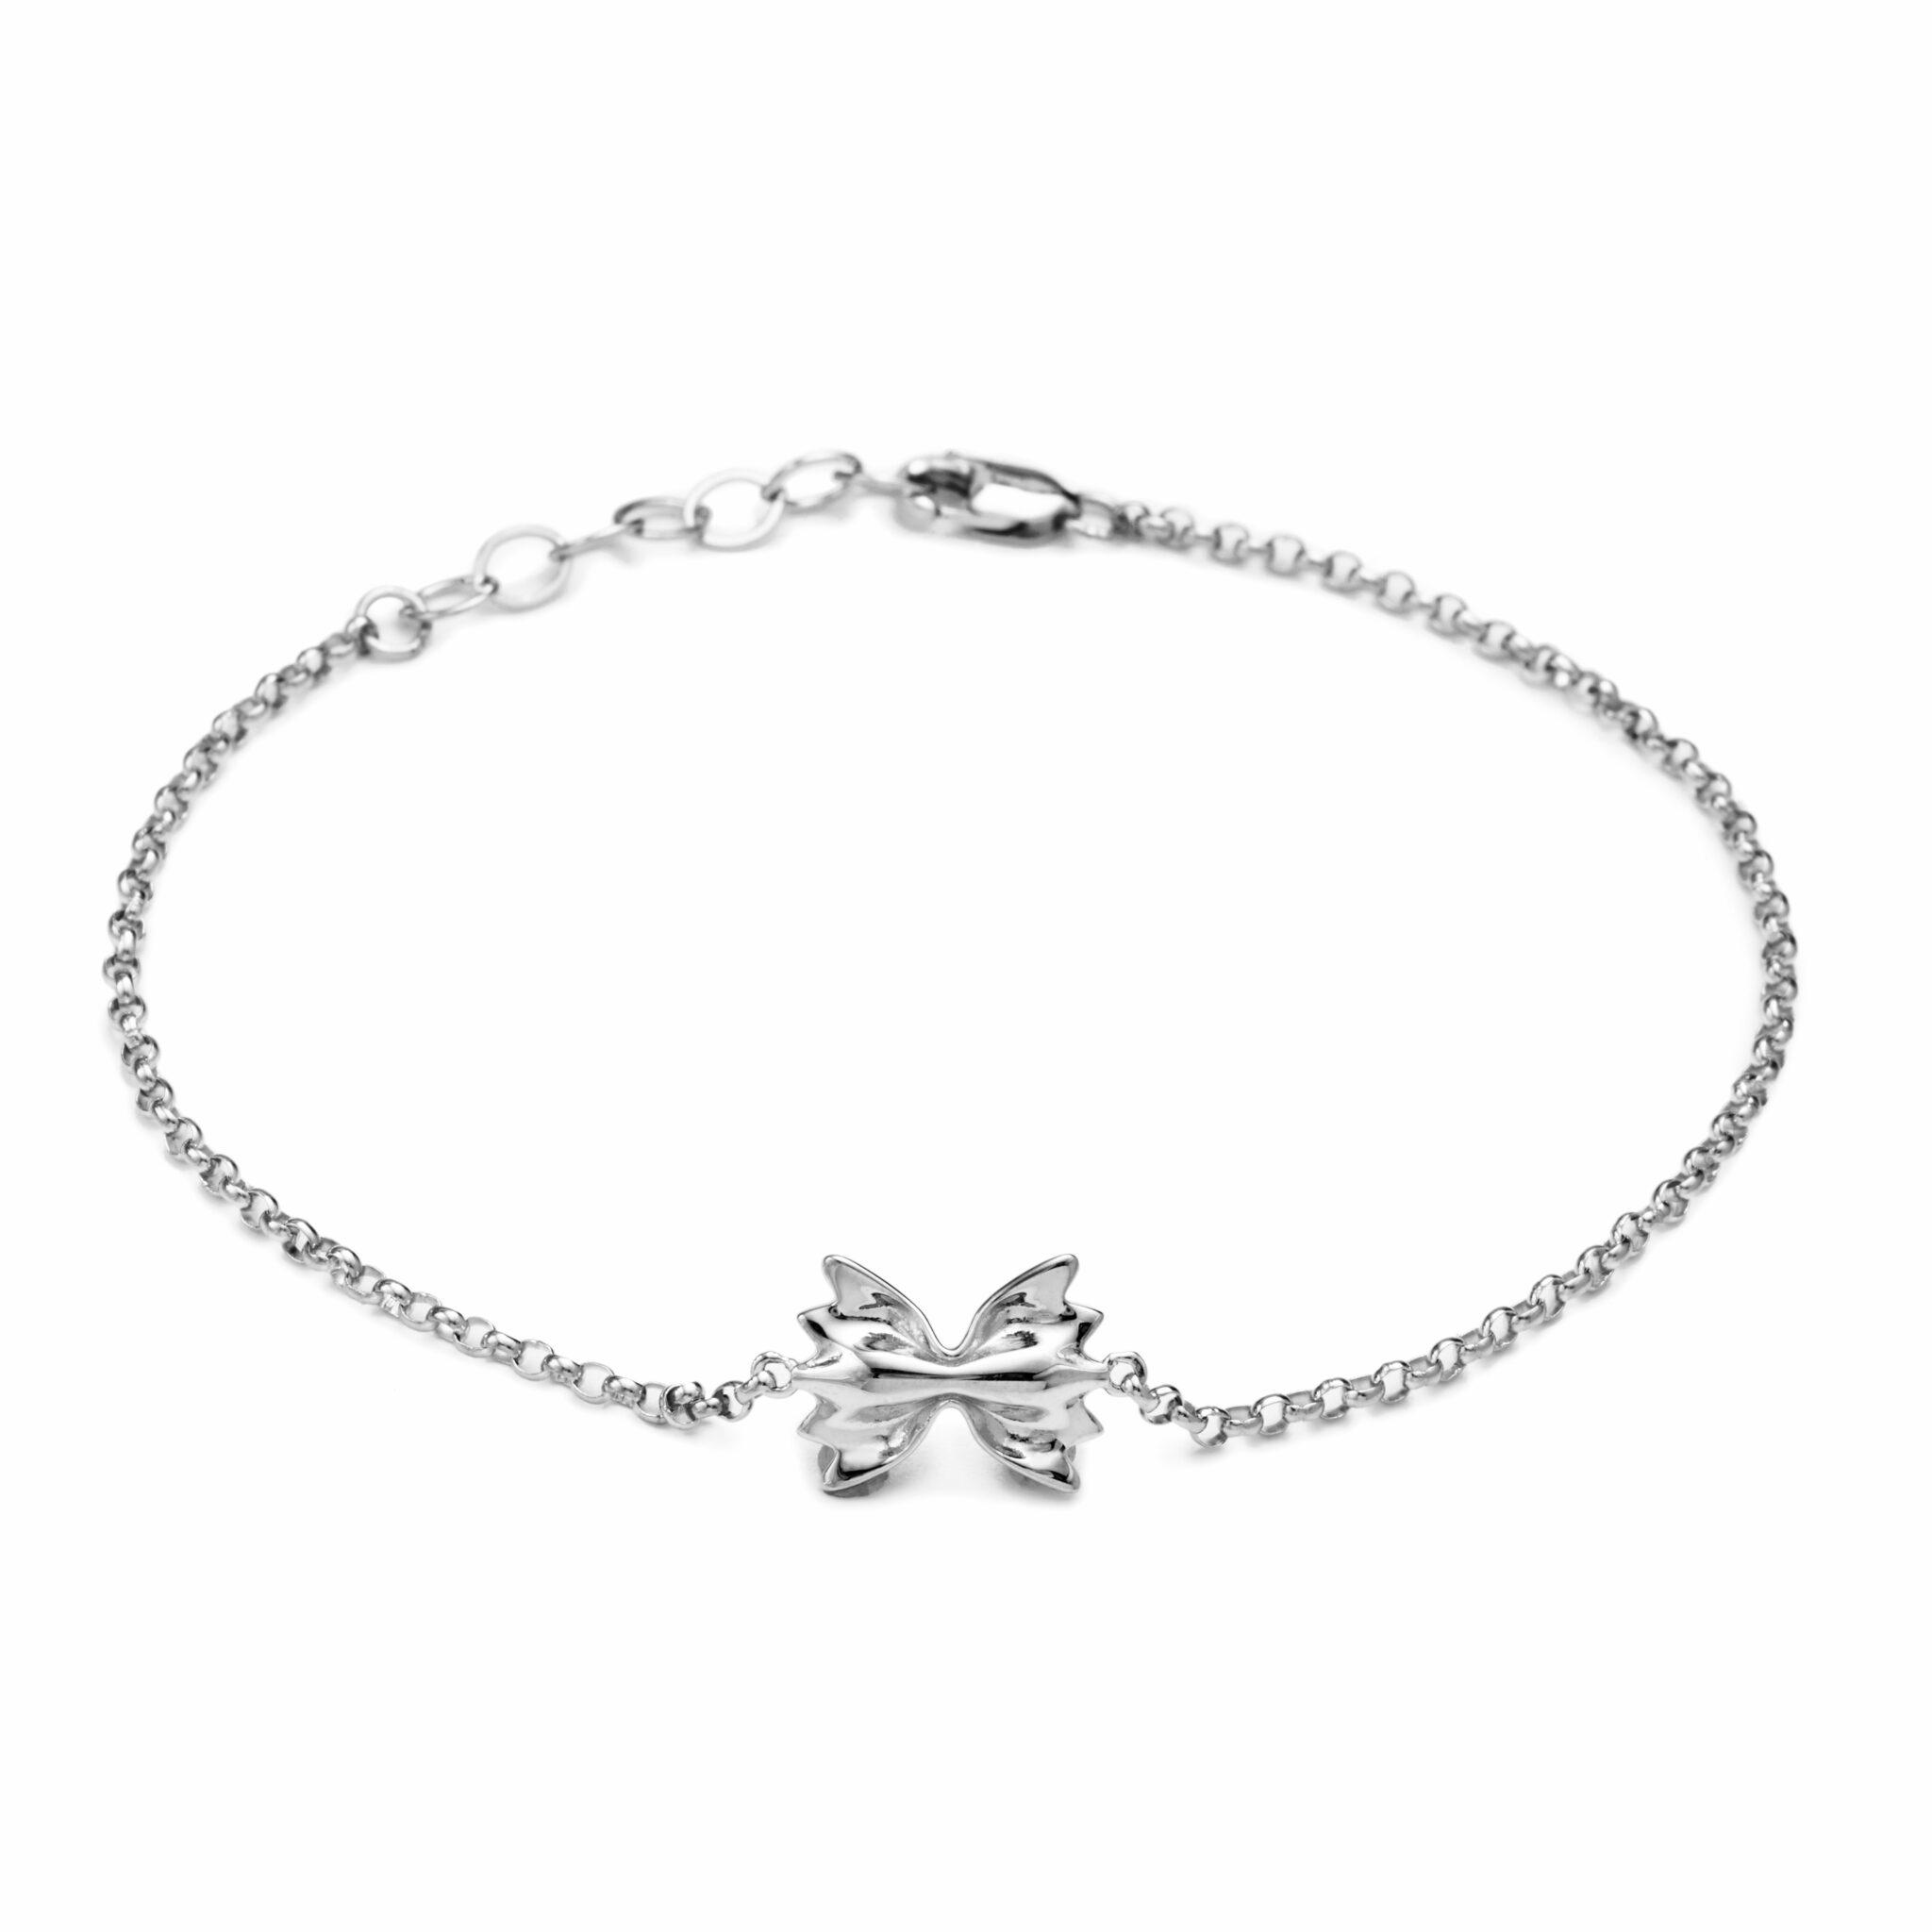 Farfalle Bracelet, Mini Size, Sterling Silver